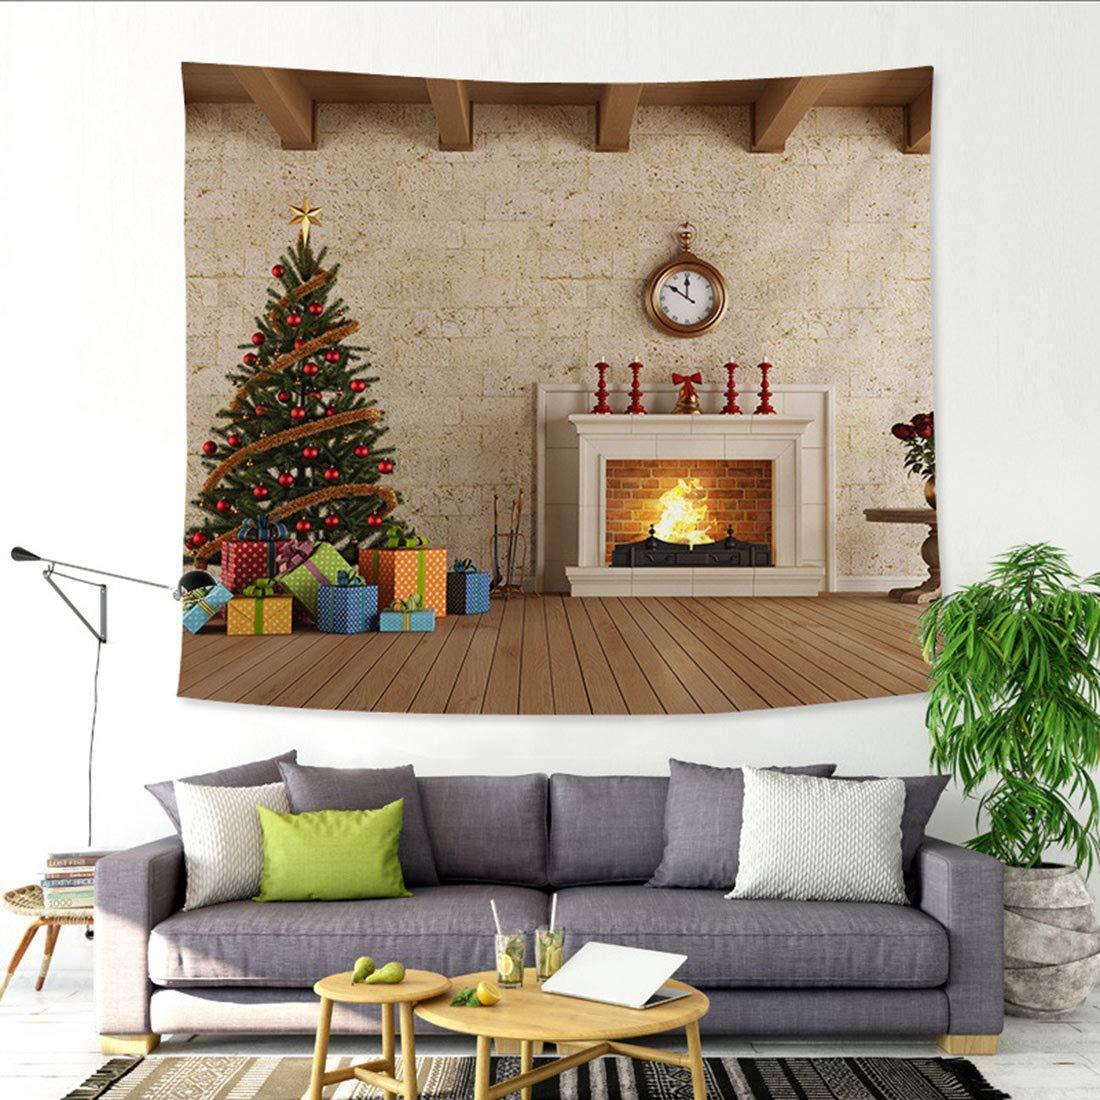 Bverionant Tapisserie Murale Tentures No/ël Tapisseries D/écoration Maison avec /Étoile #6 150x130 S